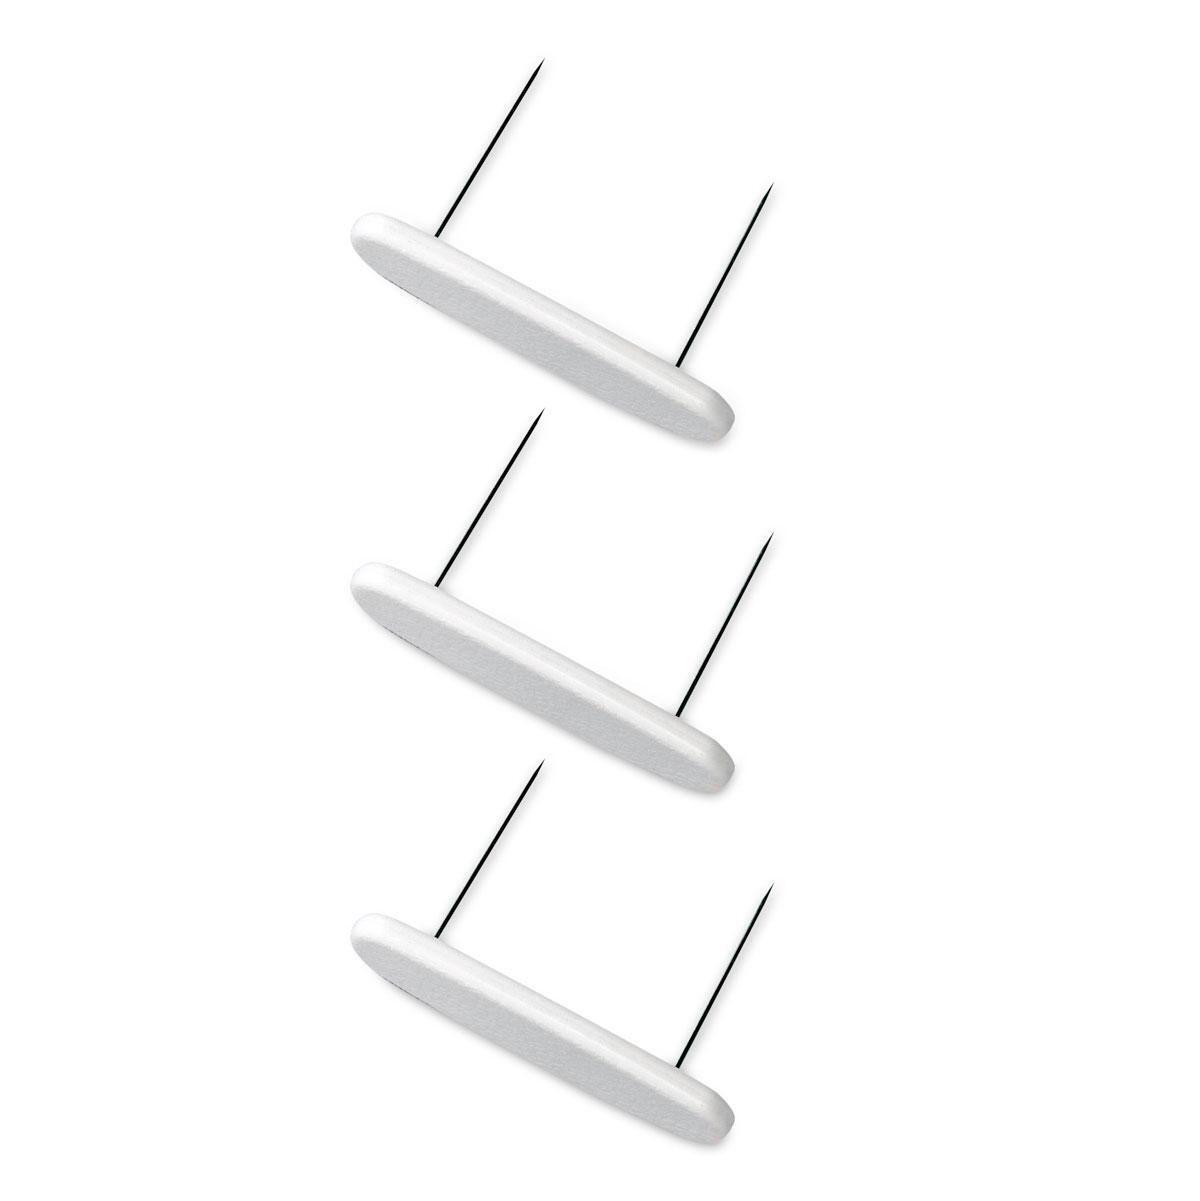 8 Bedskirt Pins